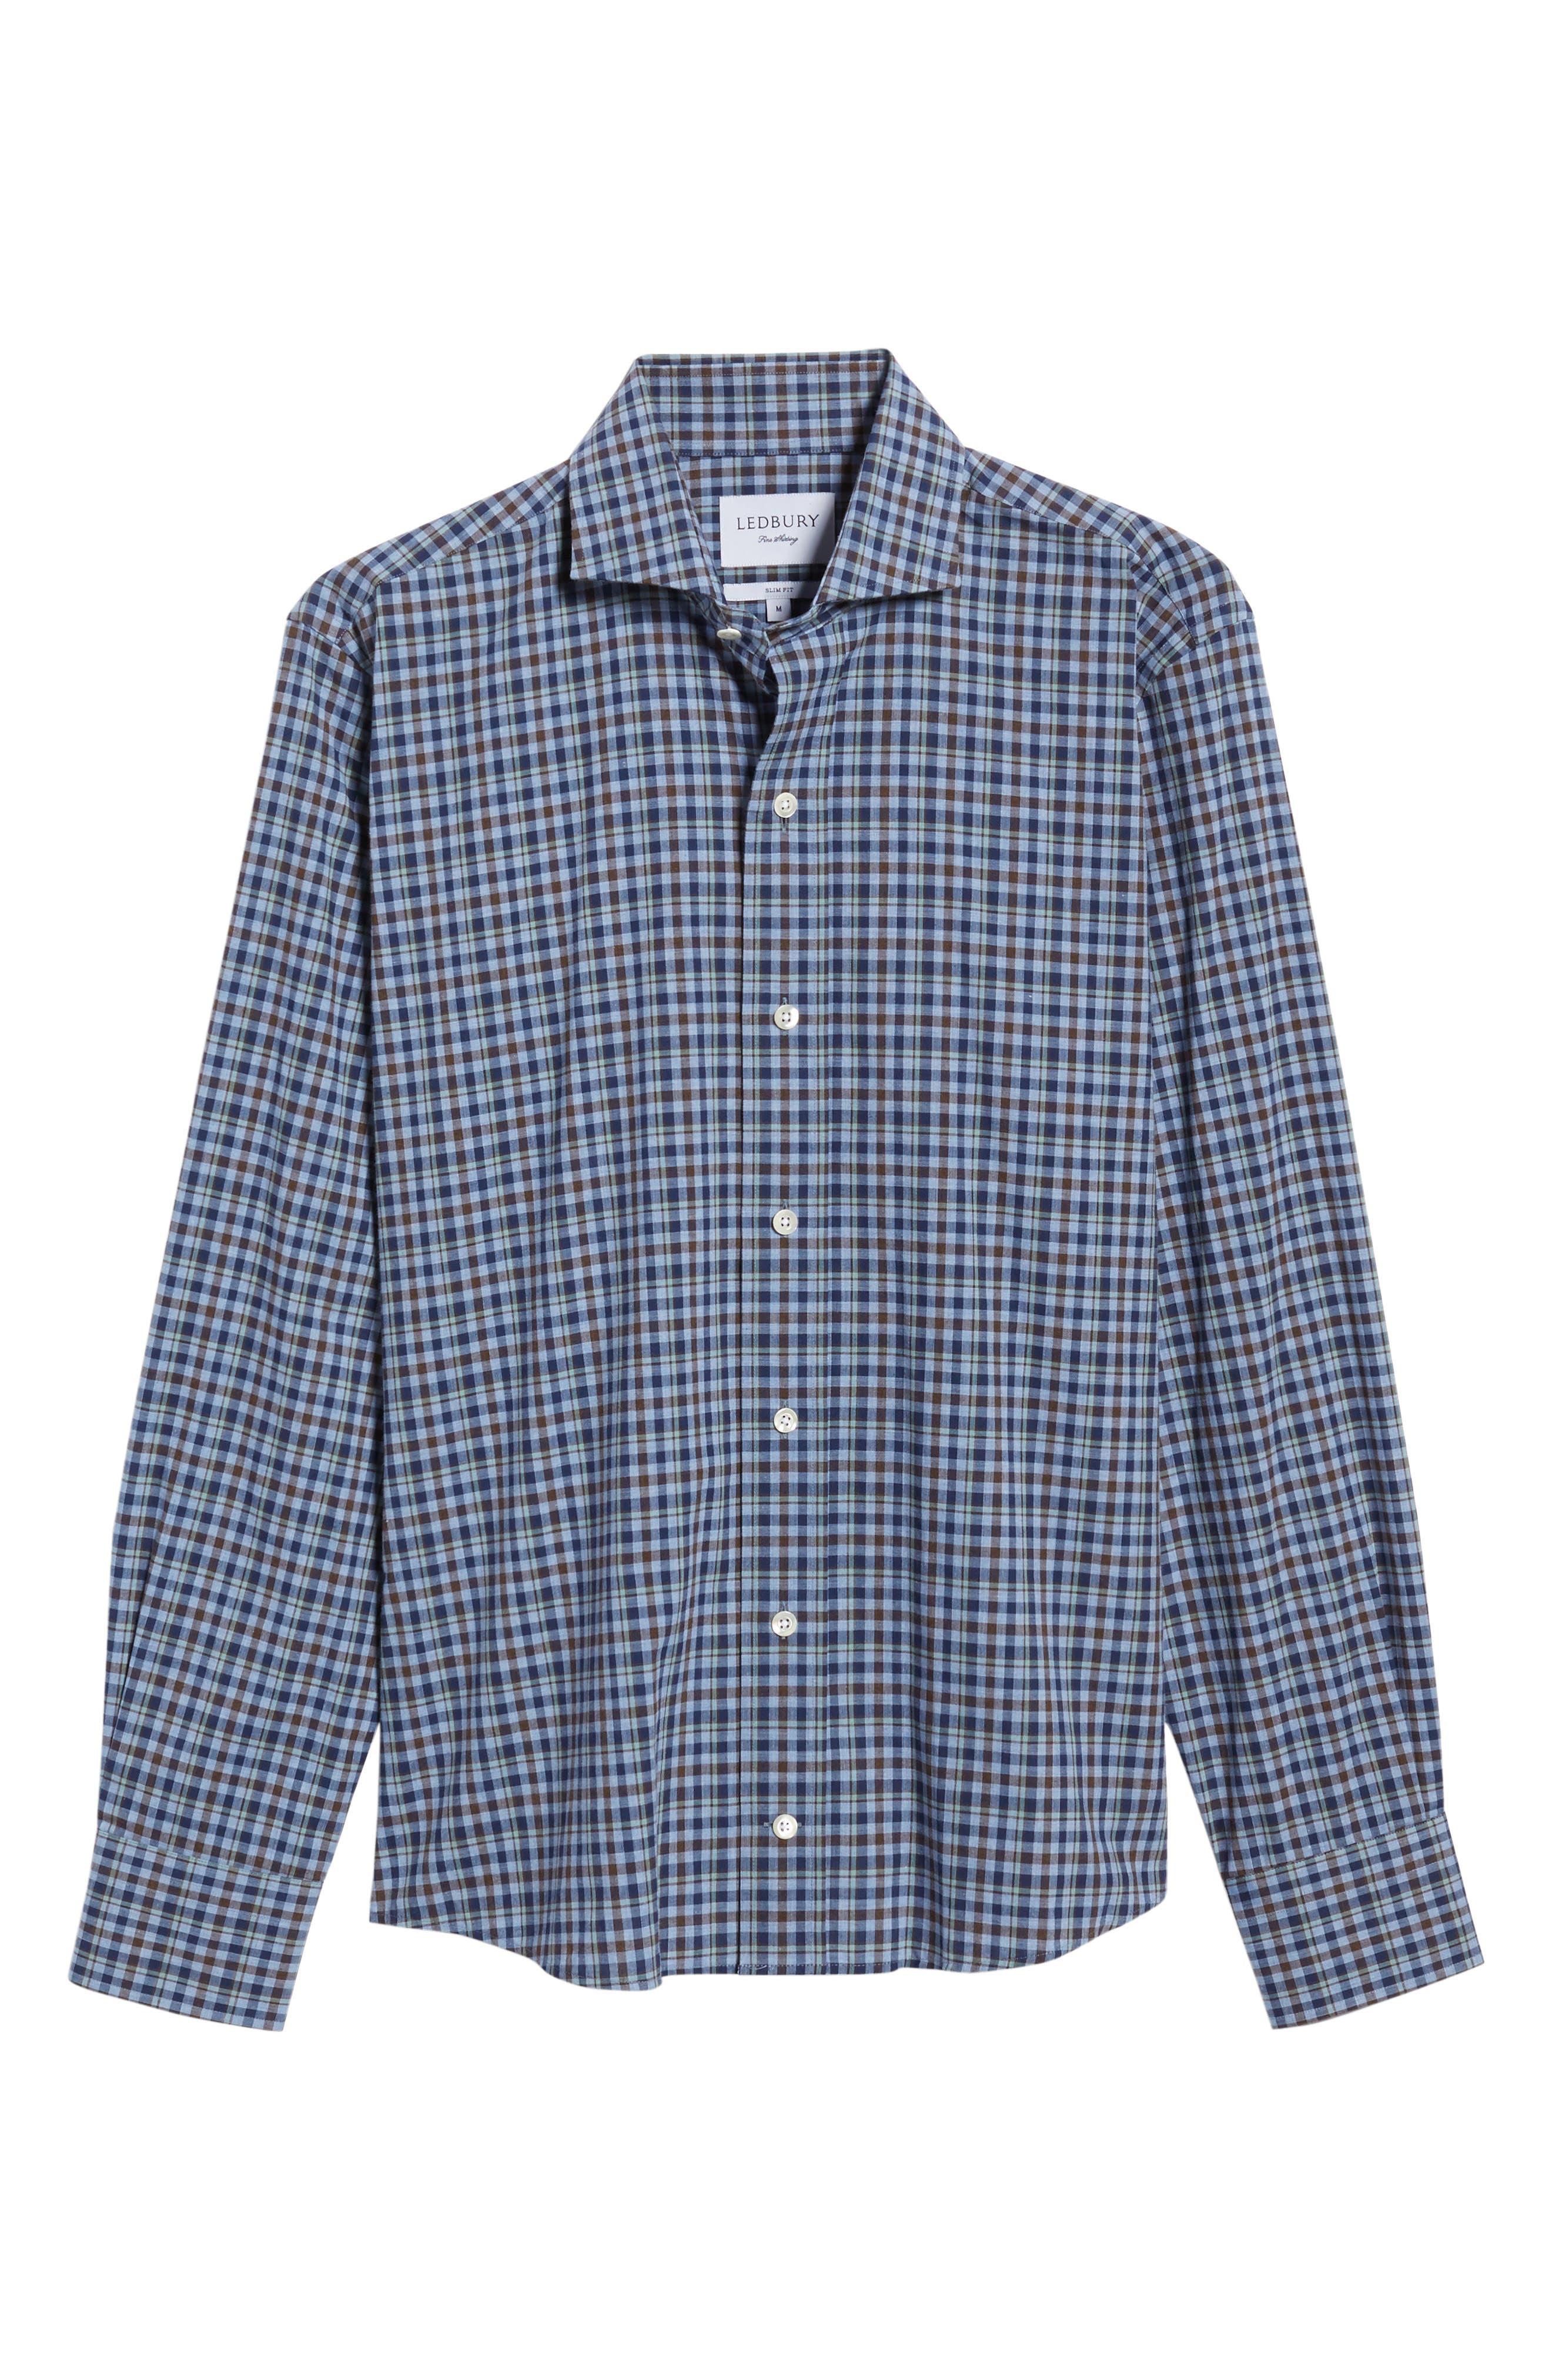 Alden Slim Fit Plaid Sport Shirt,                             Alternate thumbnail 6, color,                             400